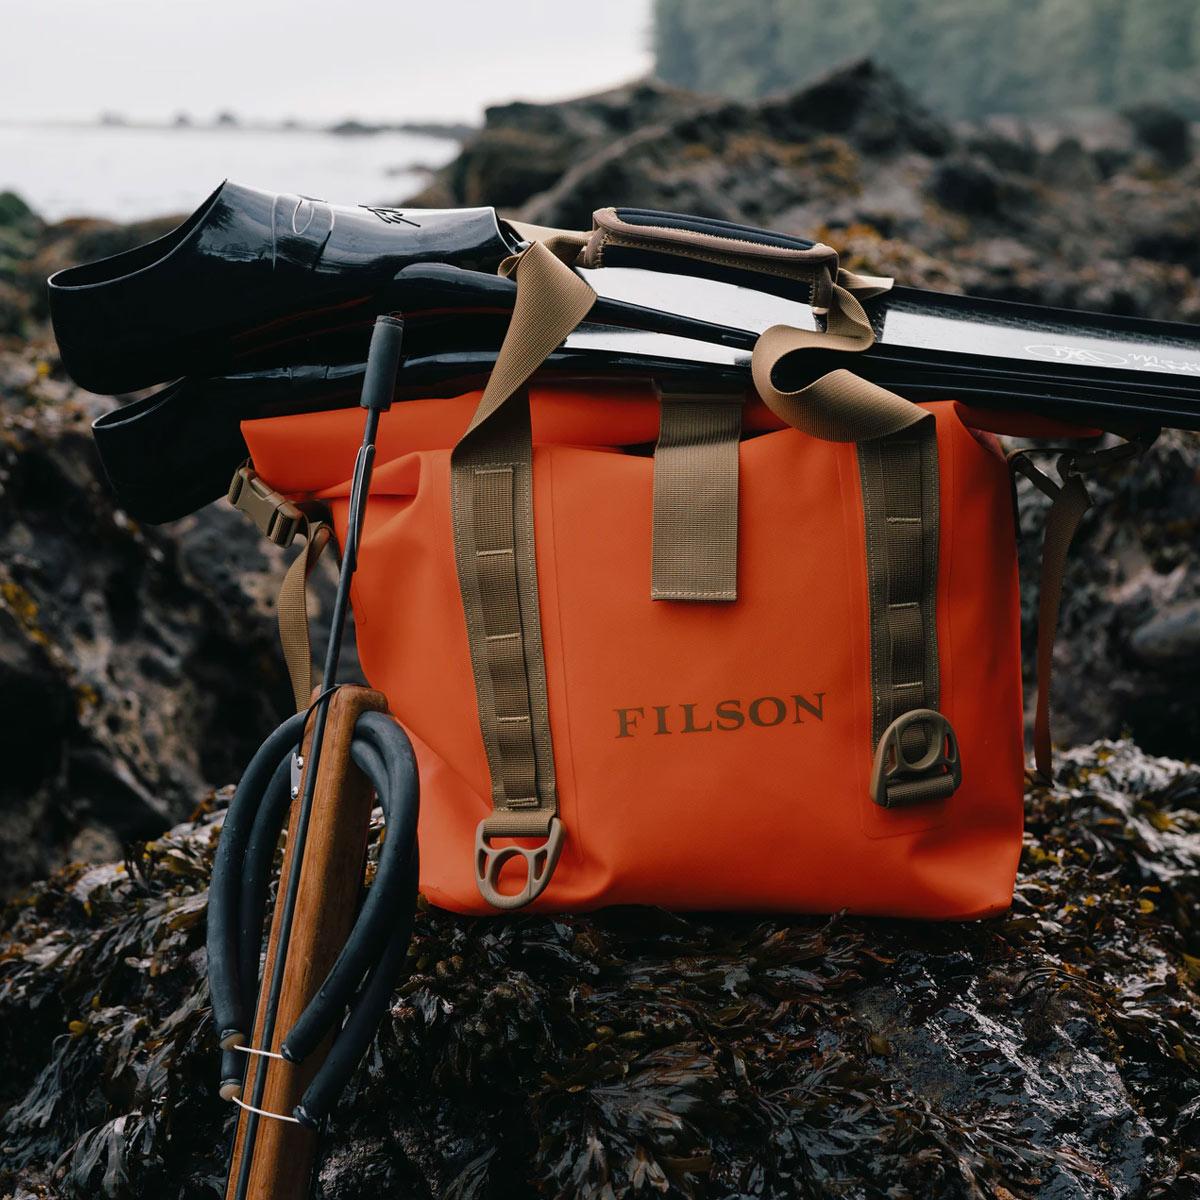 Filson Dry Roll-Top Tote Bag Flame, für den Einsatz bei allen Wetterbedingungen